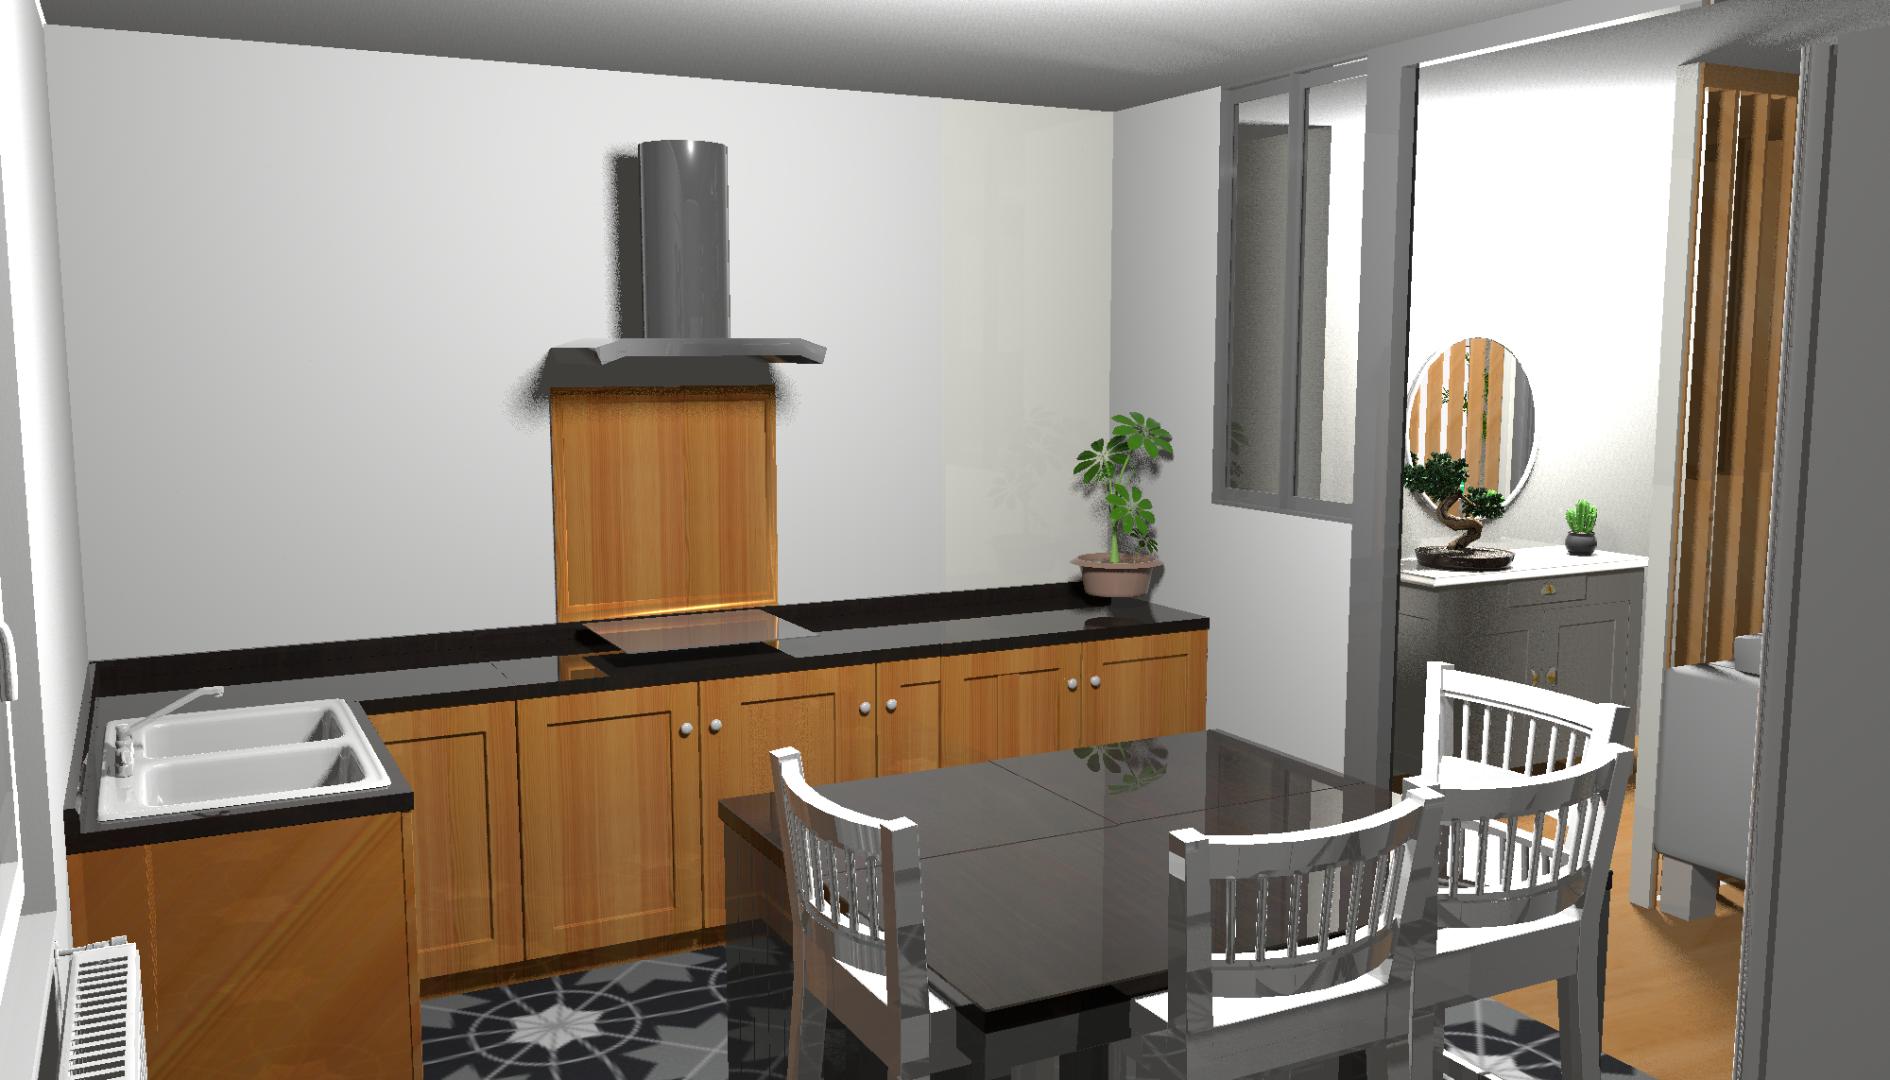 ADC Atlantique 17 | Cabinet de maîtrise d'oeuvre et d'architecture d'intérieur à Royan | Projet 3D de cuisine